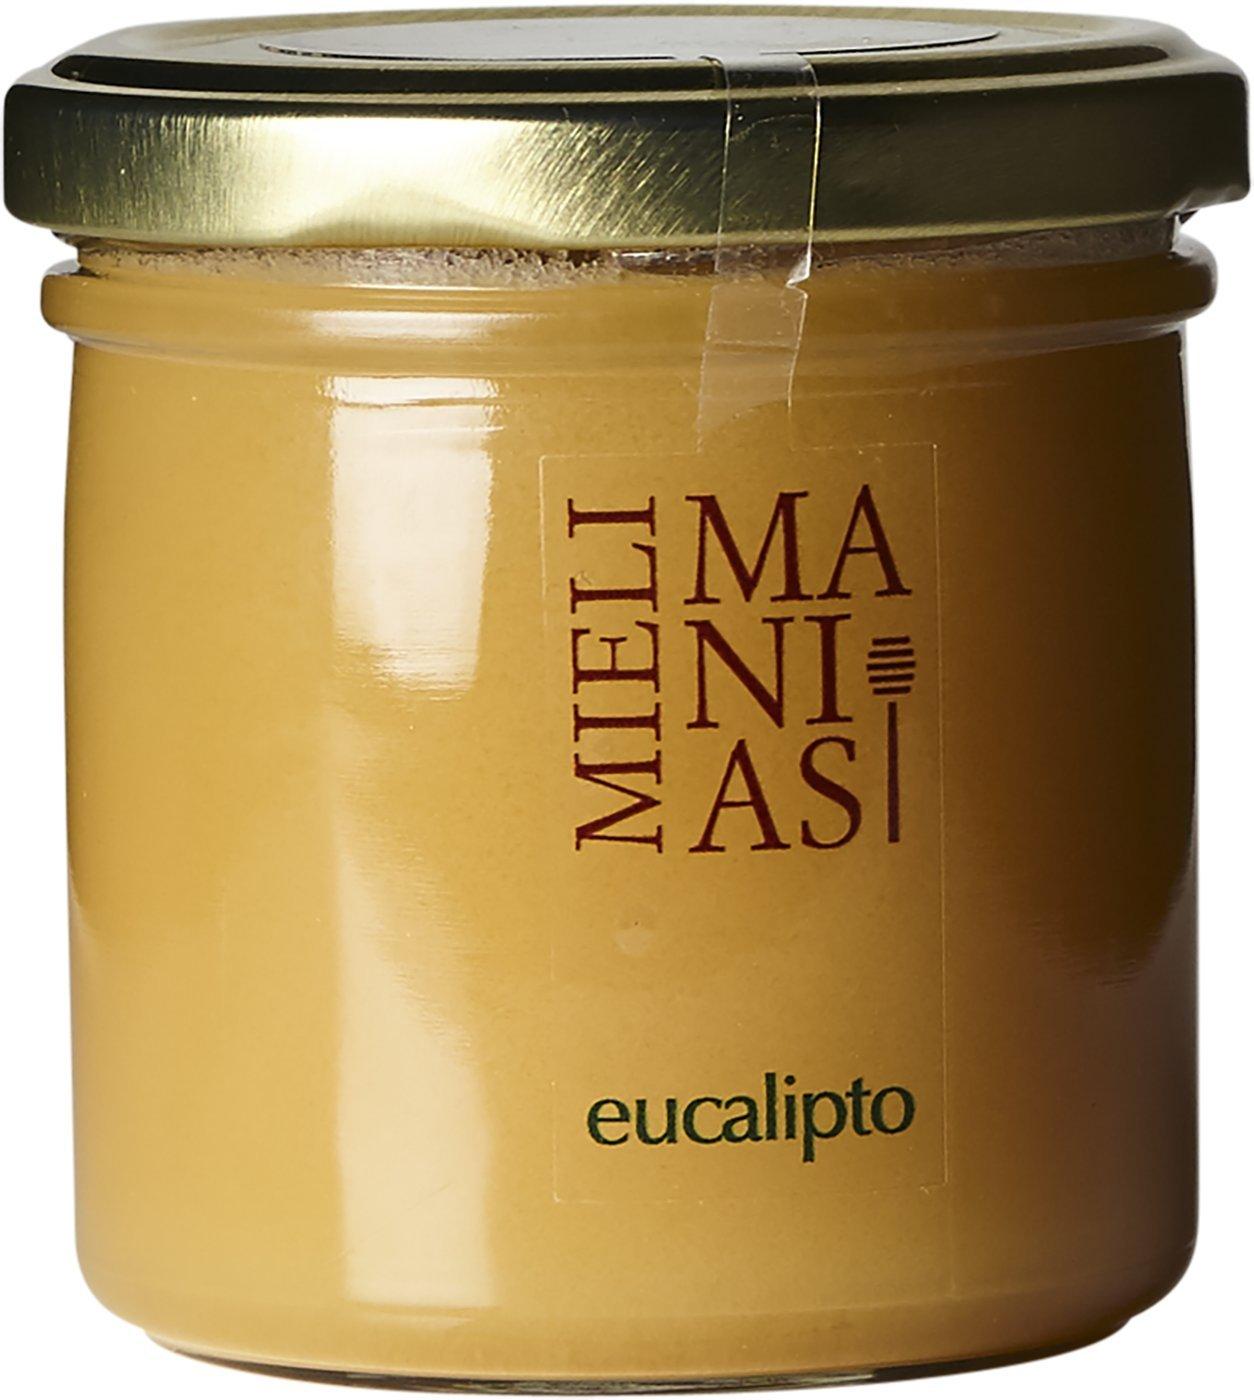 Eucalyptus Honey Luigi Manias - Sardinia, Italy - 7oz